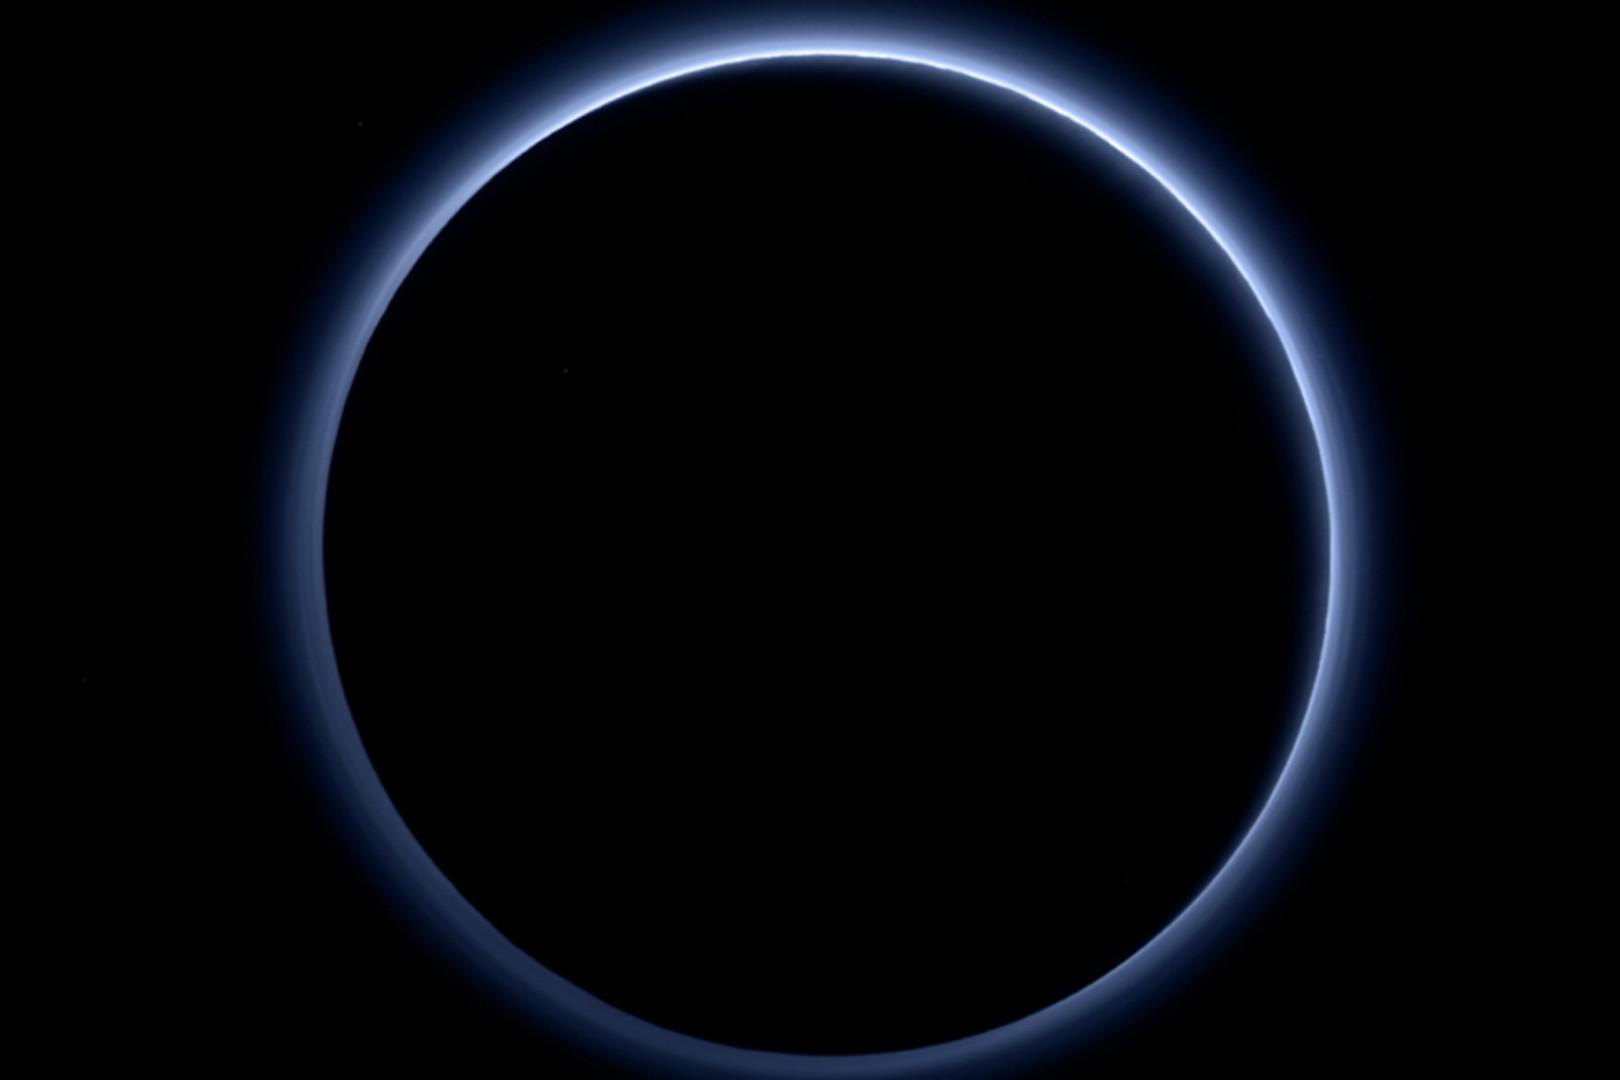 Pluton et la lumière bleue de son soleil mis en lumière par la sonde New Horizons en octobre